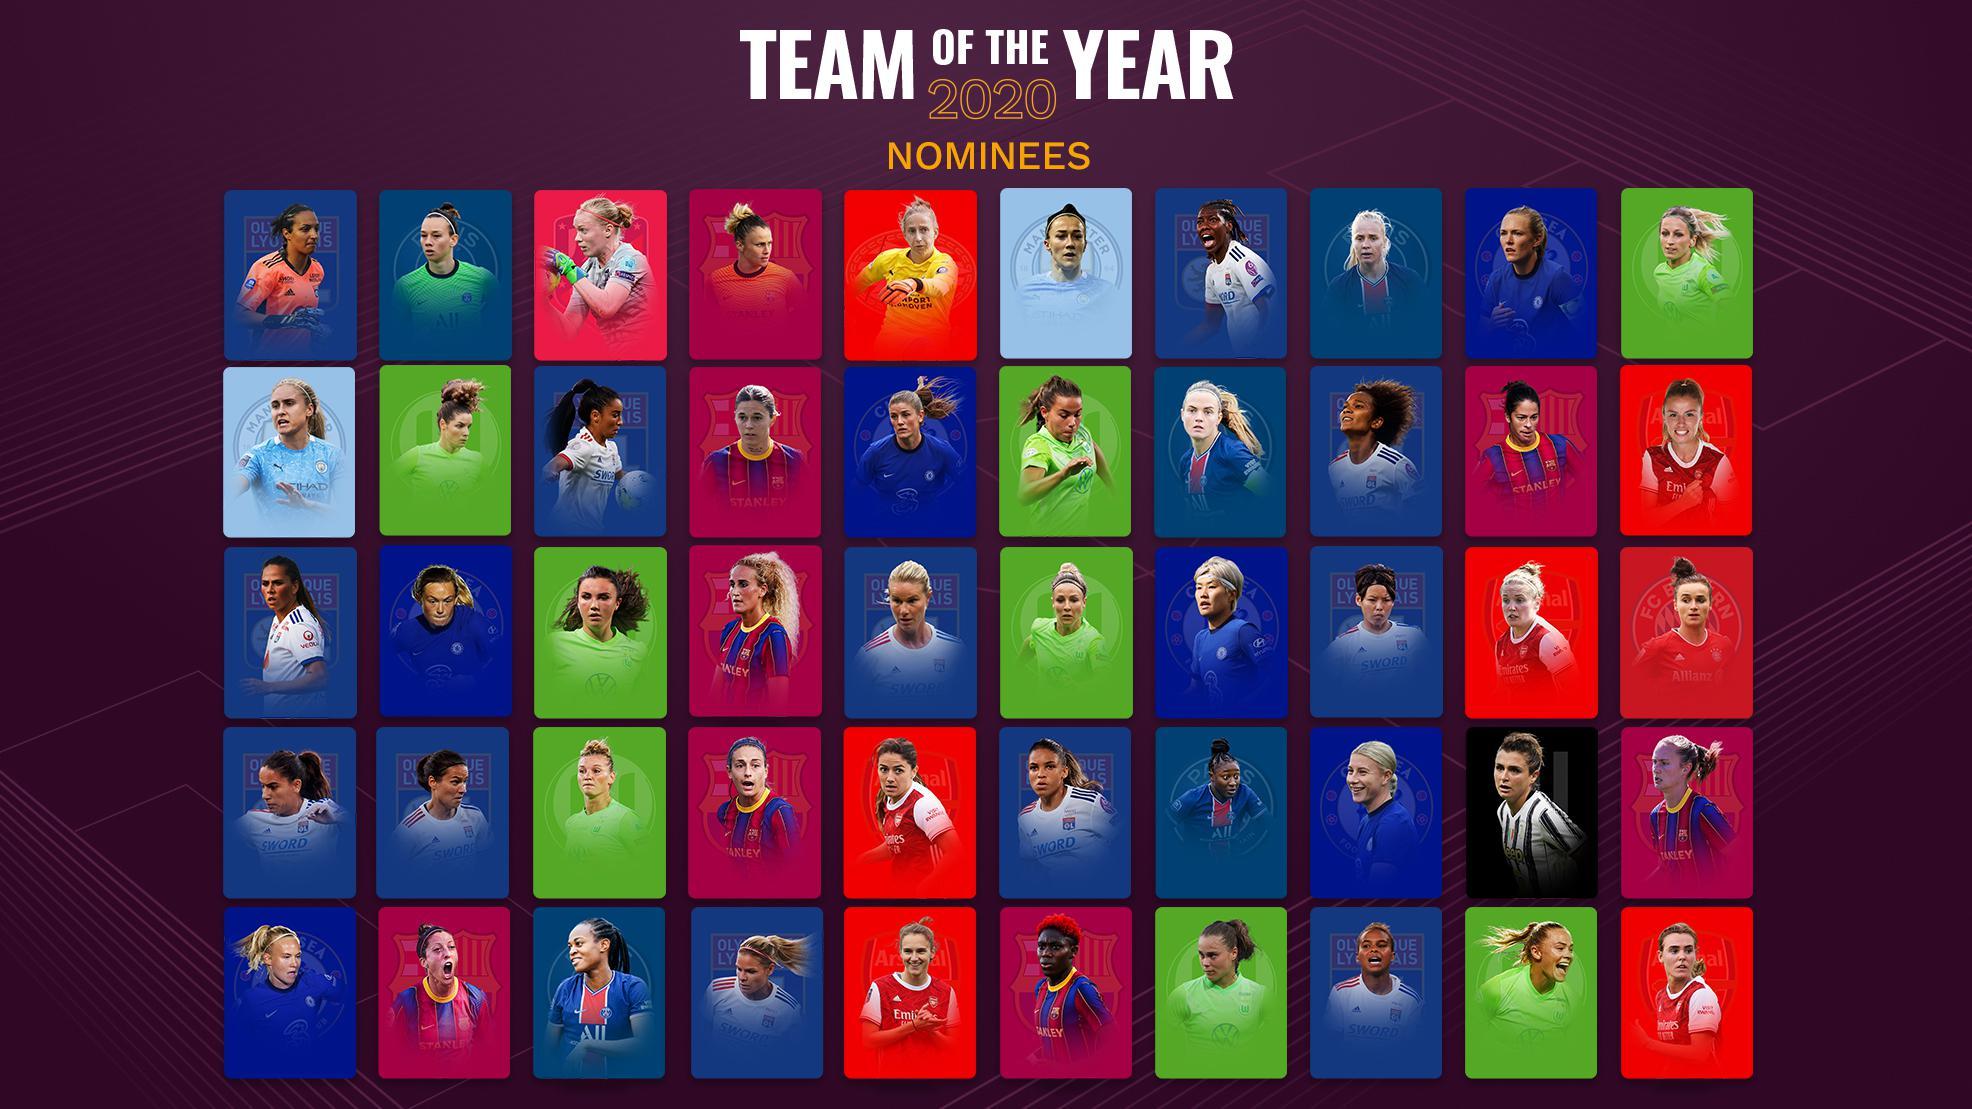 yılın kadın takımı